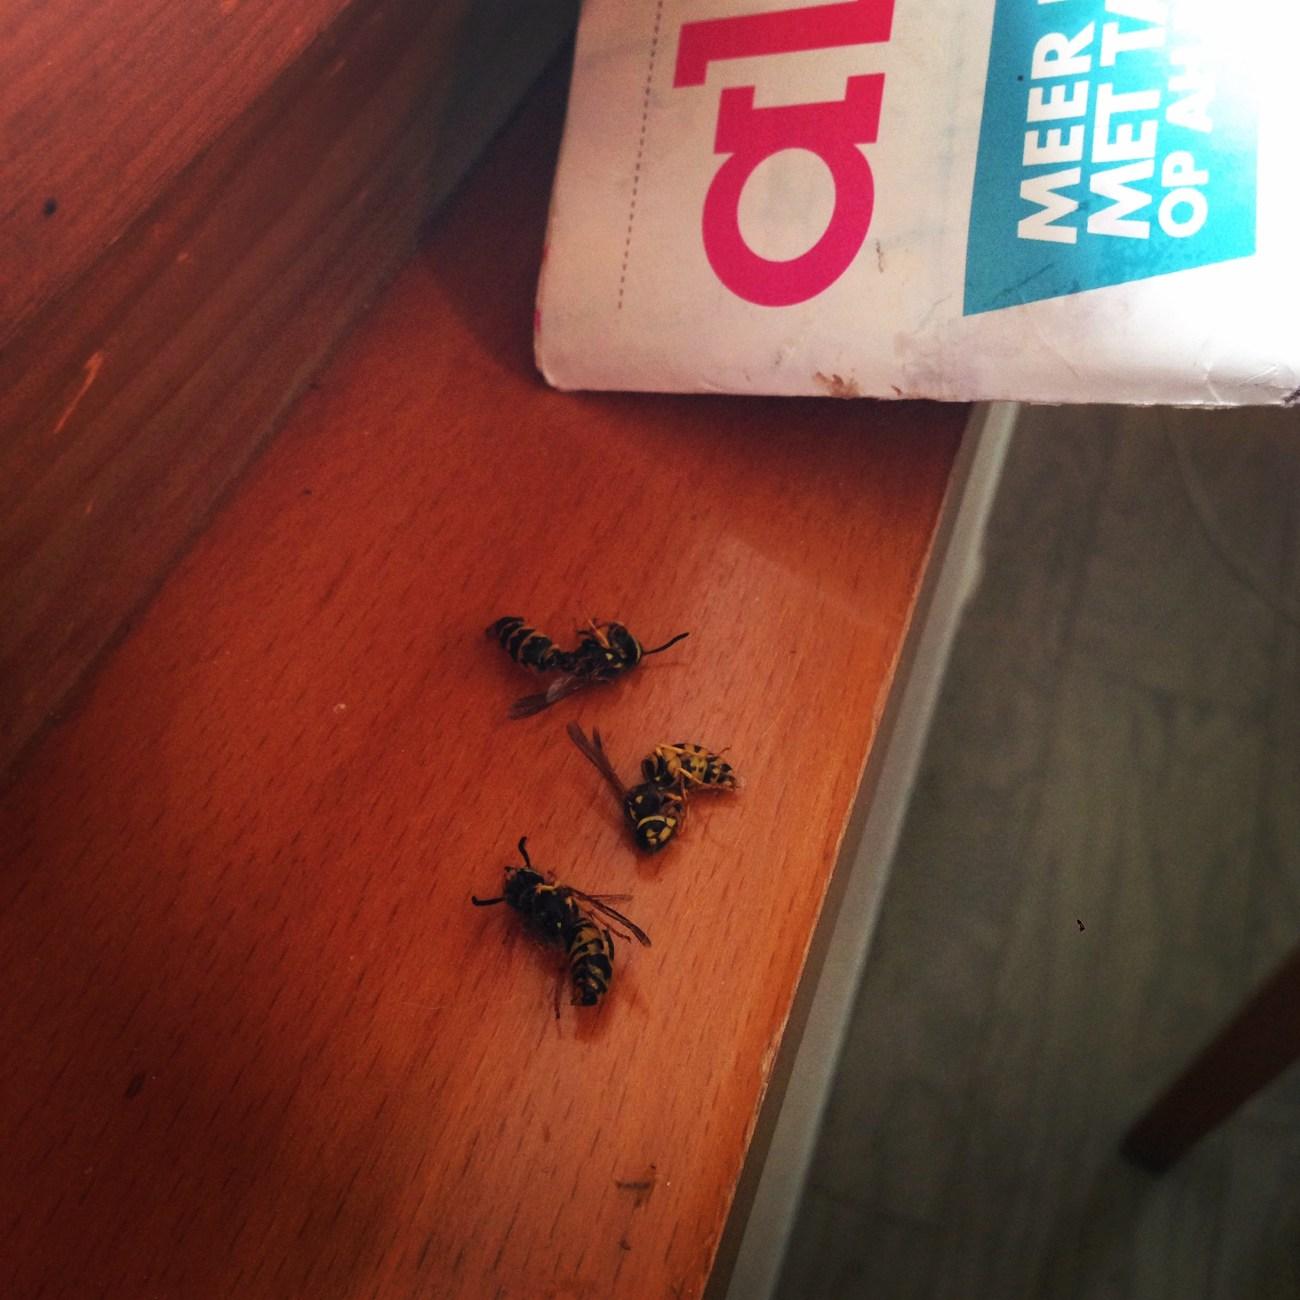 Ook maak ik heel veel wespen dood. Jakkes!